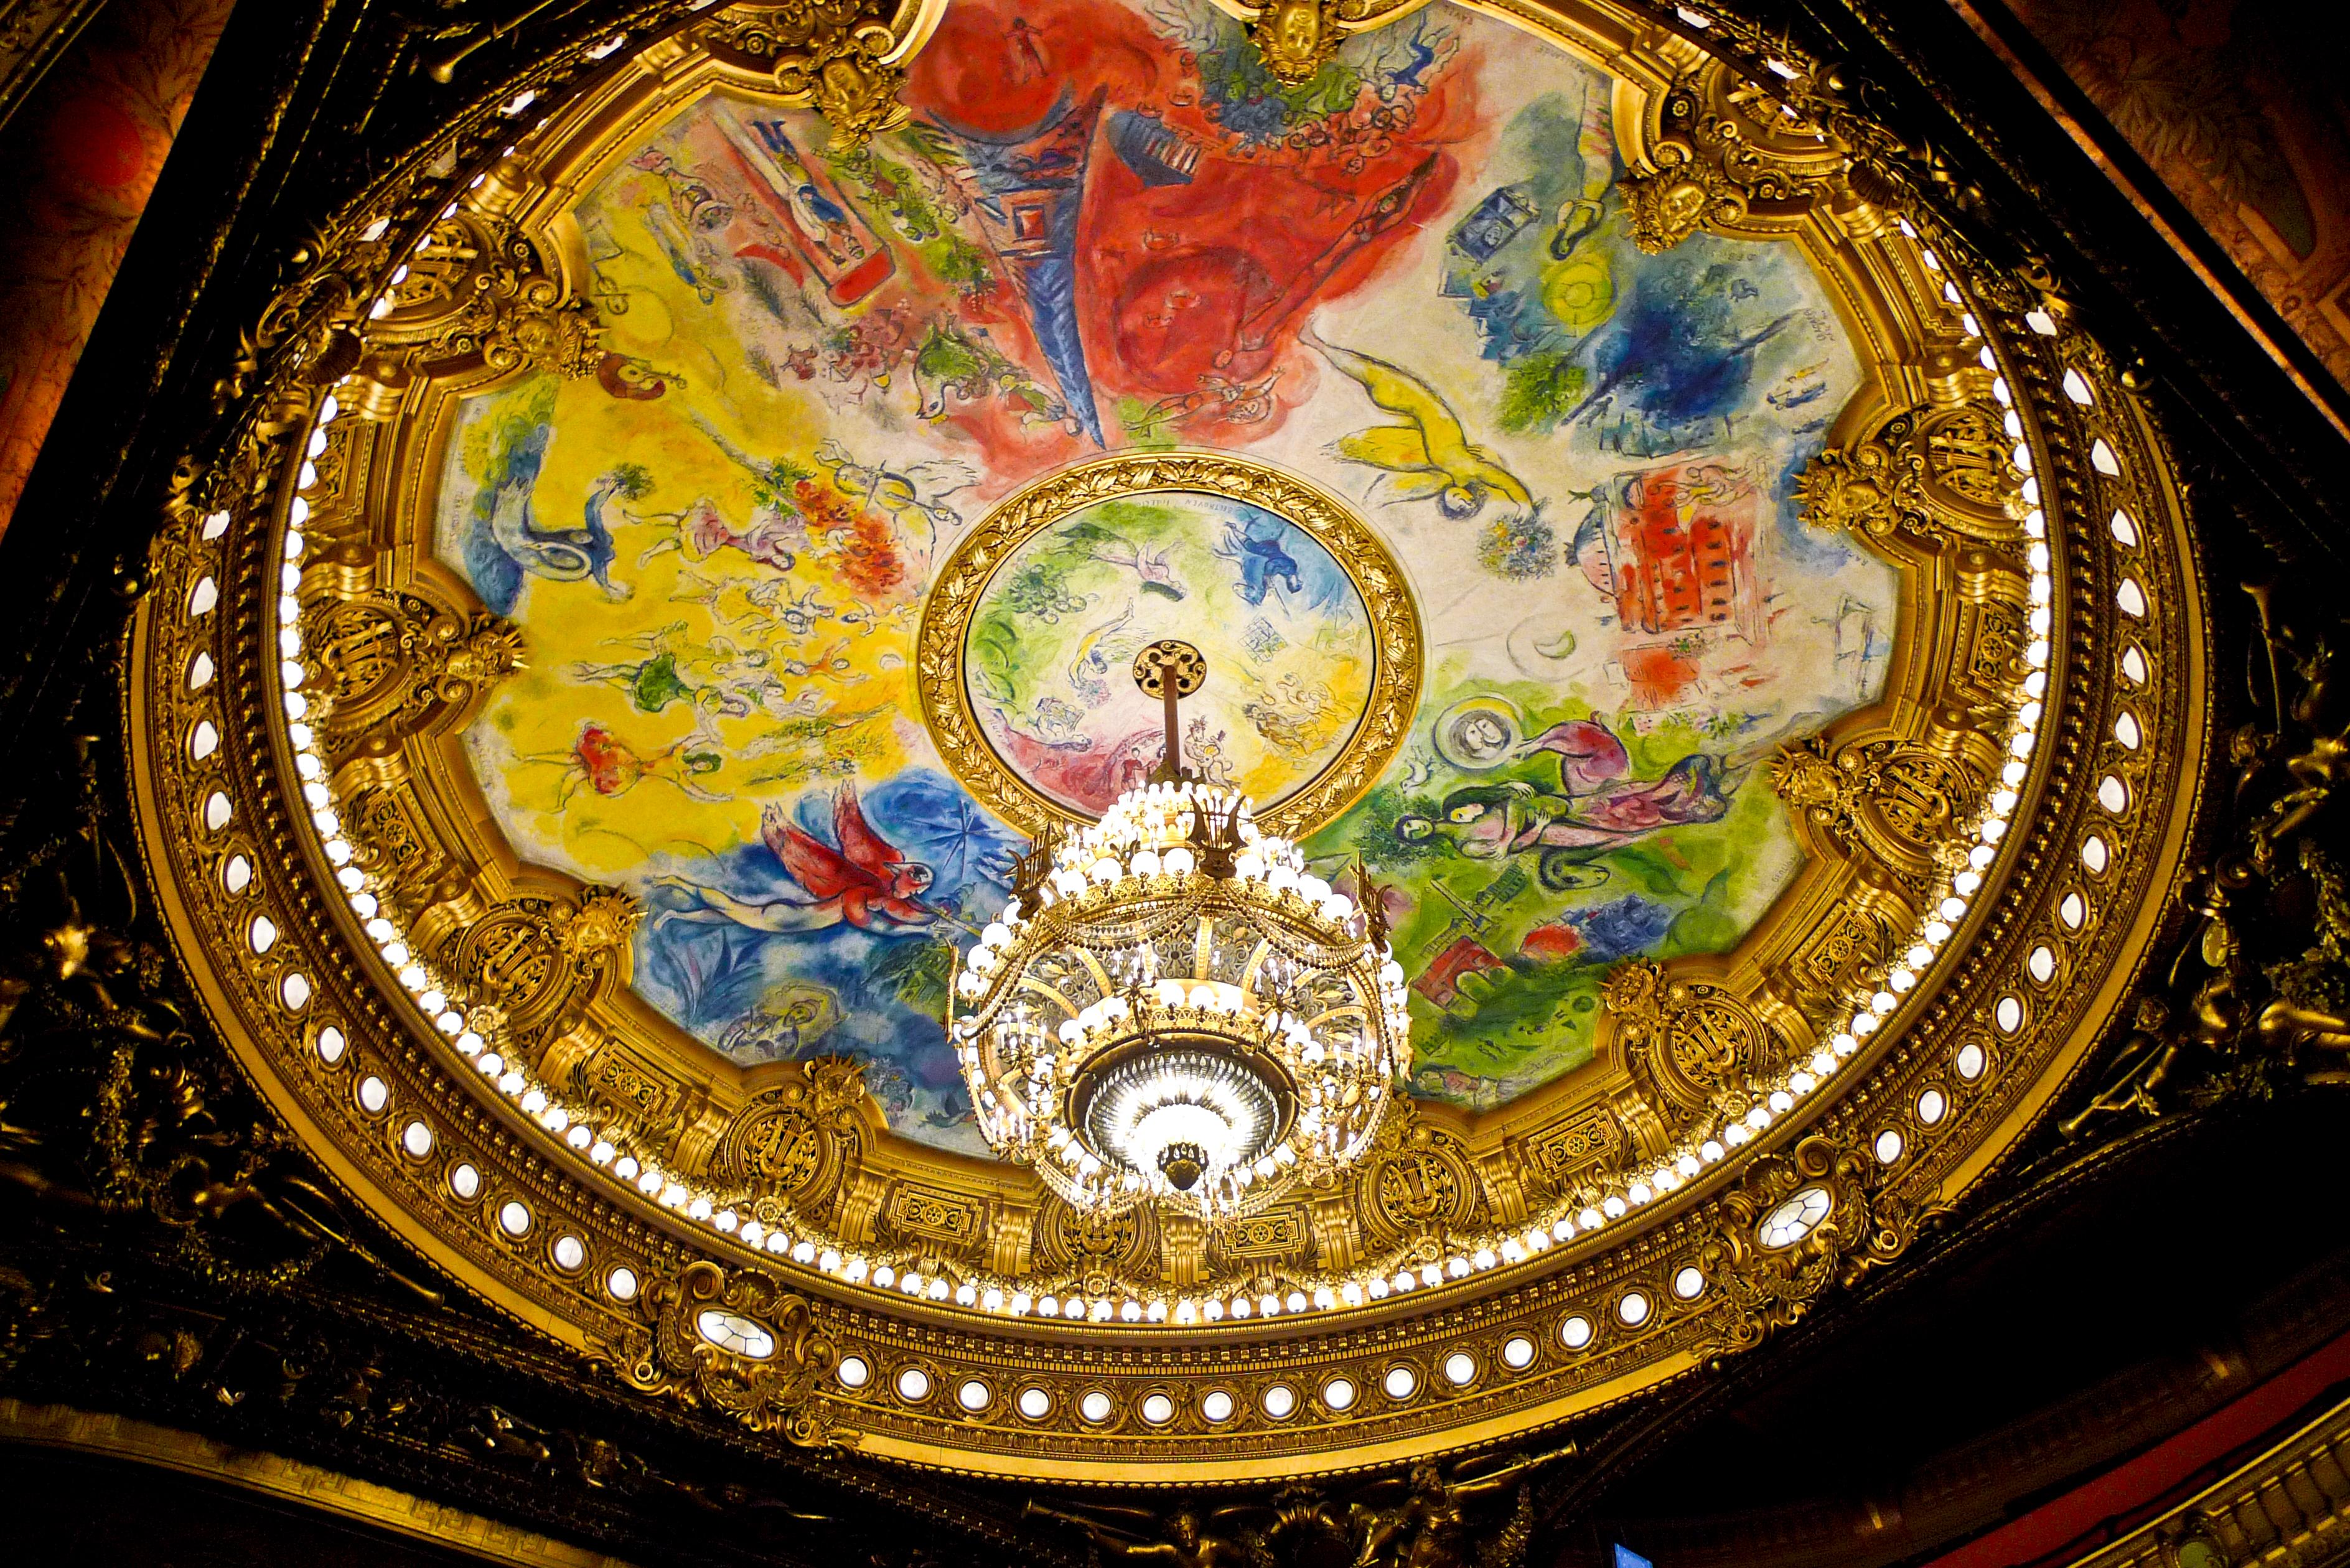 Хрустальная-люстра-Гранд_оперы-театр-Париж_Франция